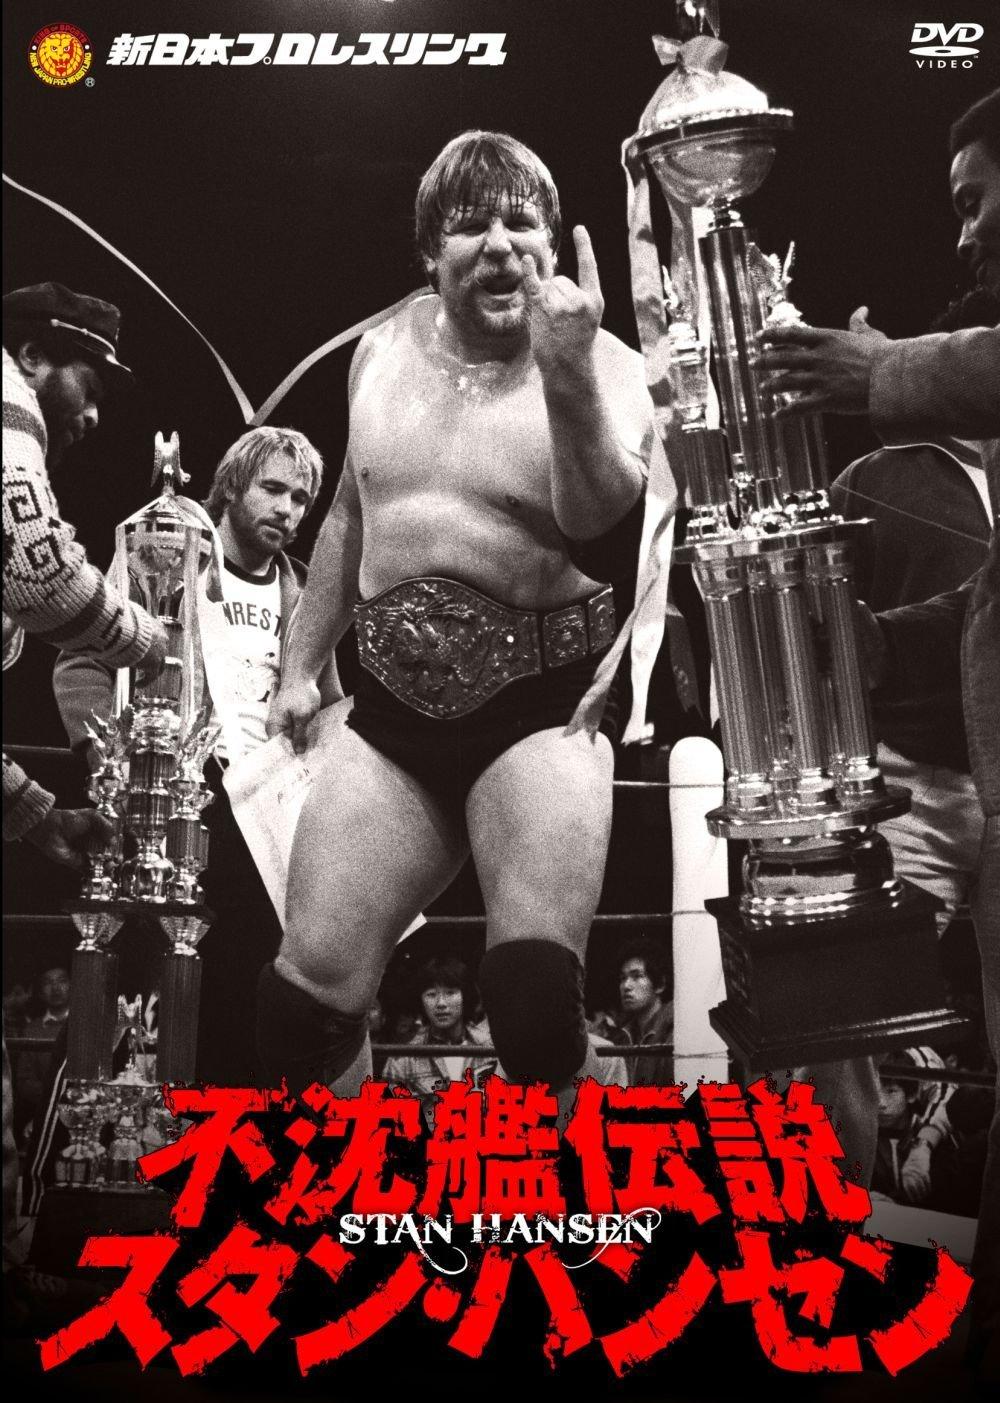 不沈艦伝説 スタン・ハンセン(DVD 3枚組)